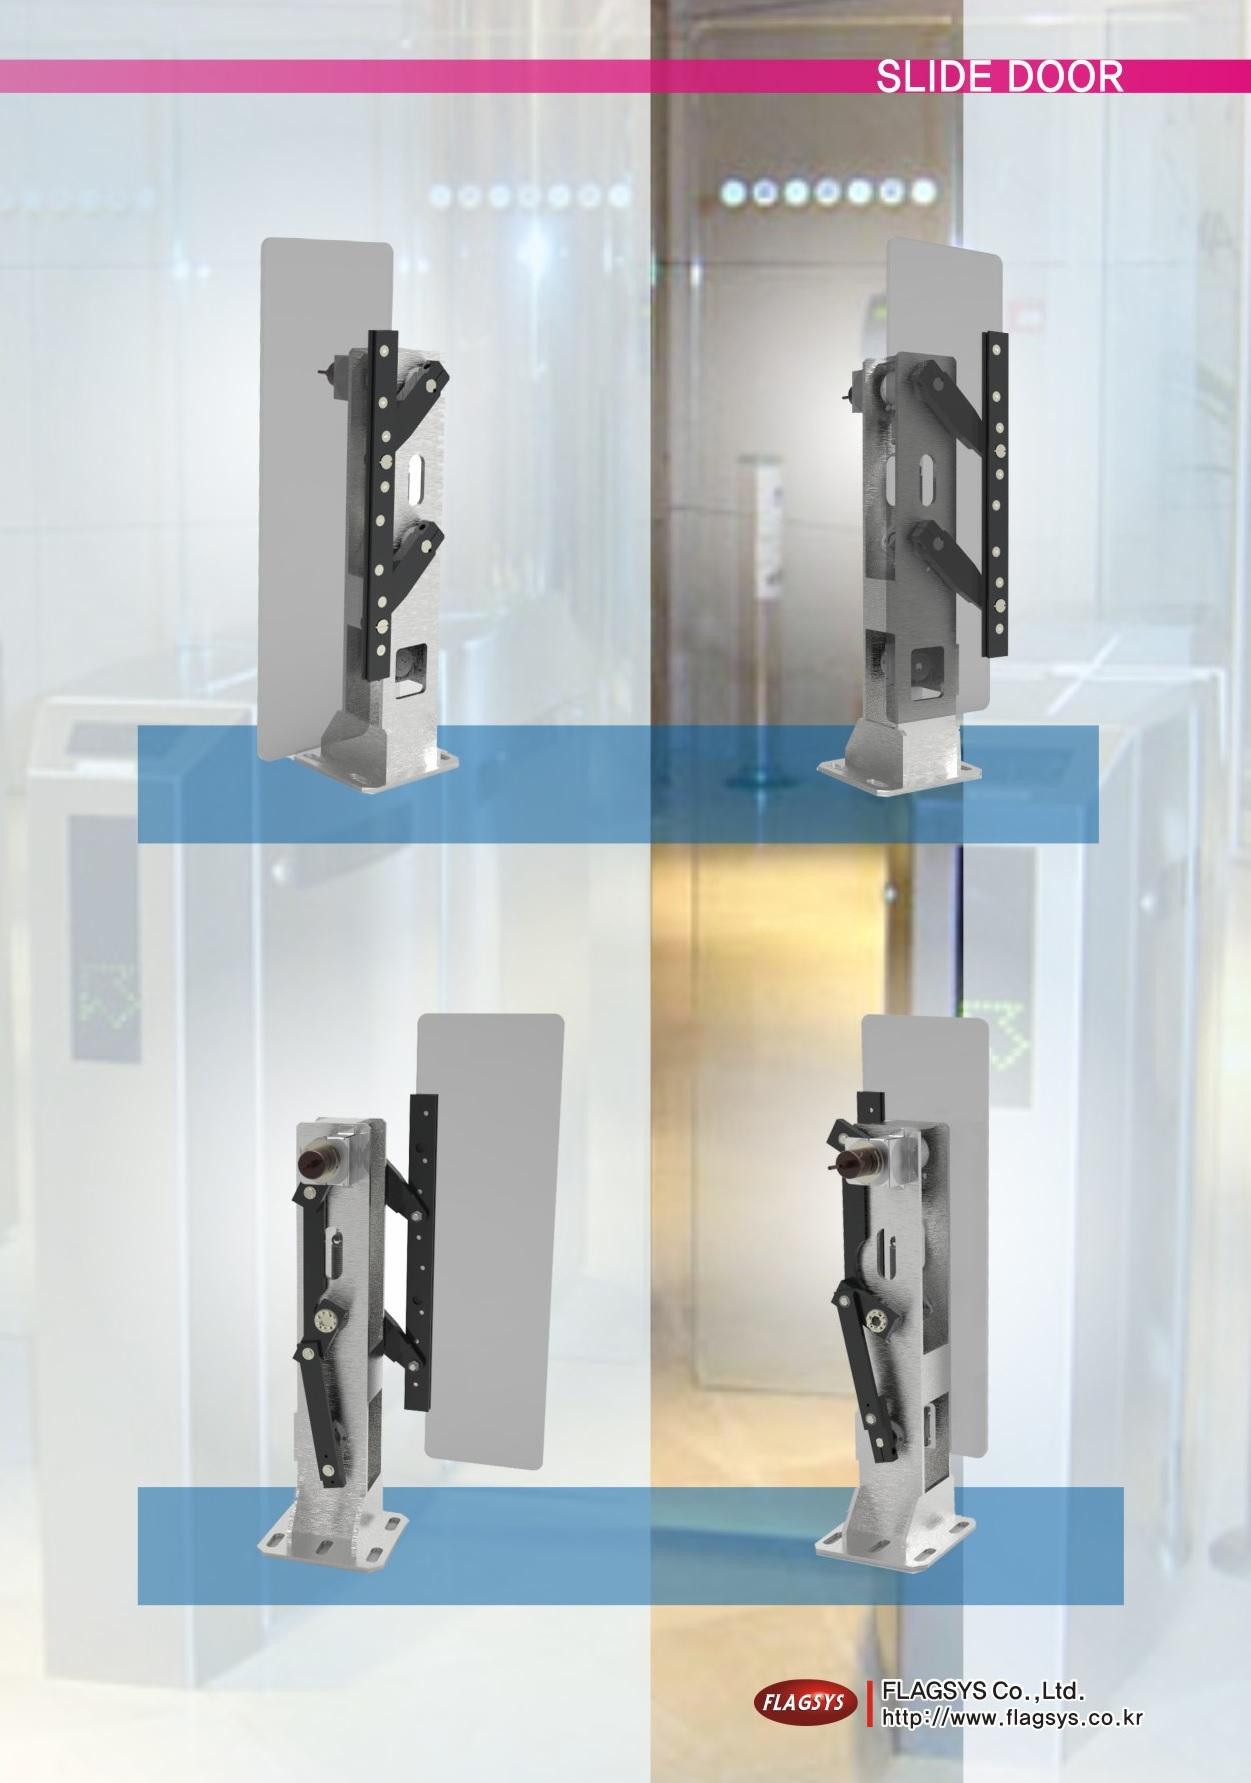 Slide Door Module